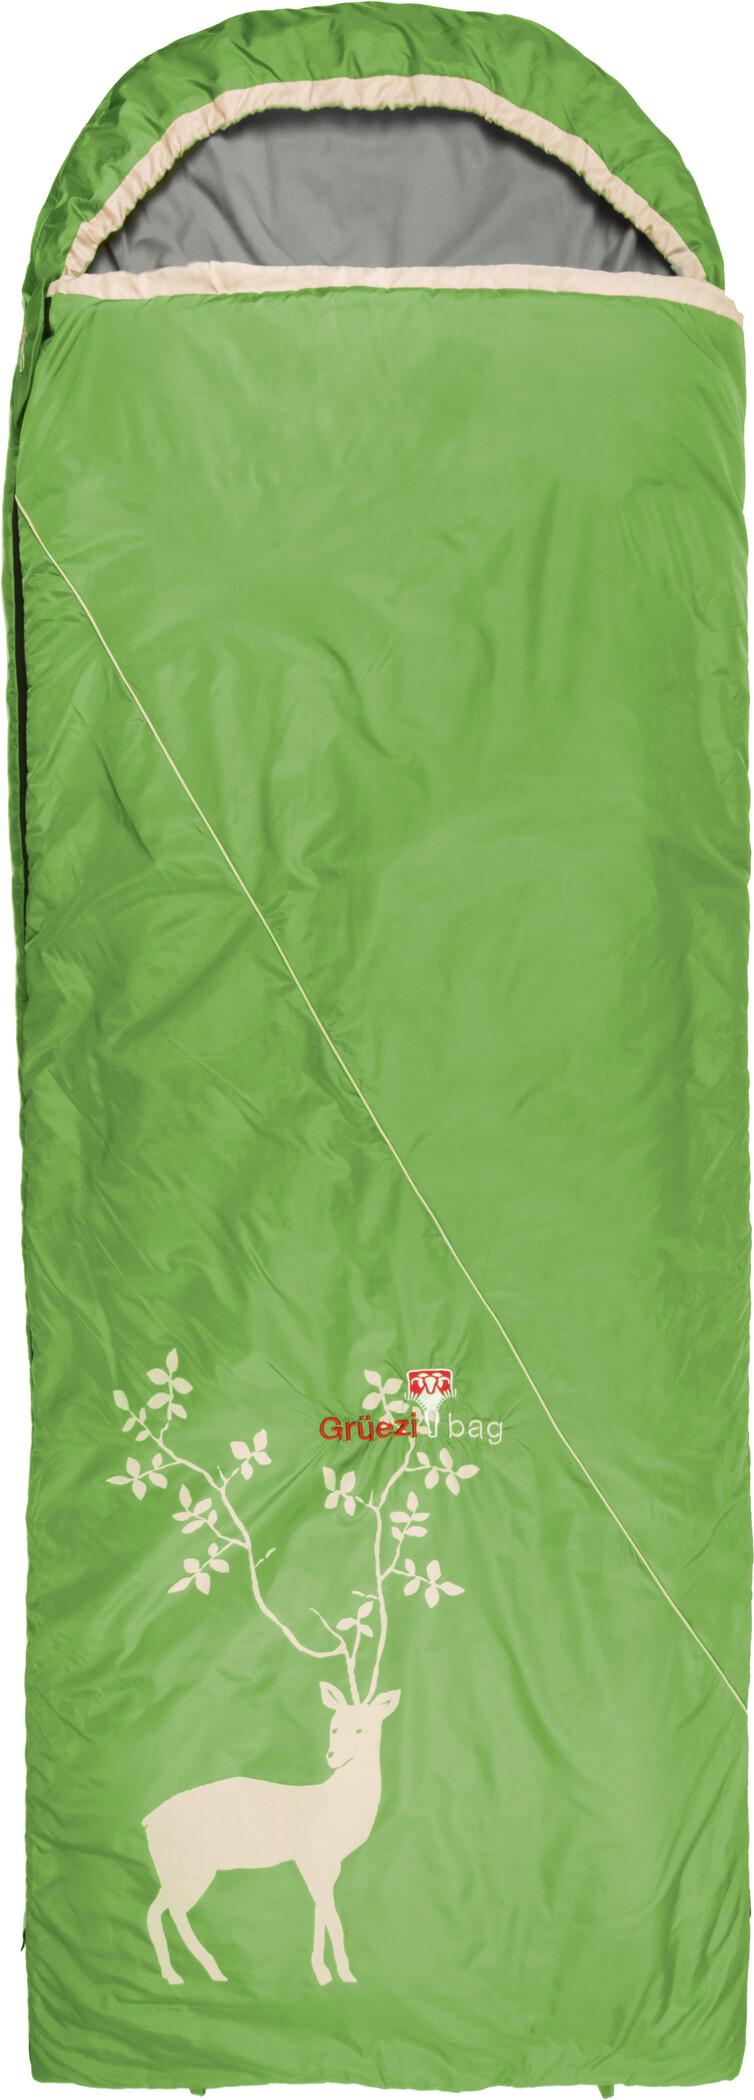 Grüezi-Bag Cloud Decke Reh III Sovepose, spring green | Transport og opbevaring > Tilbehør